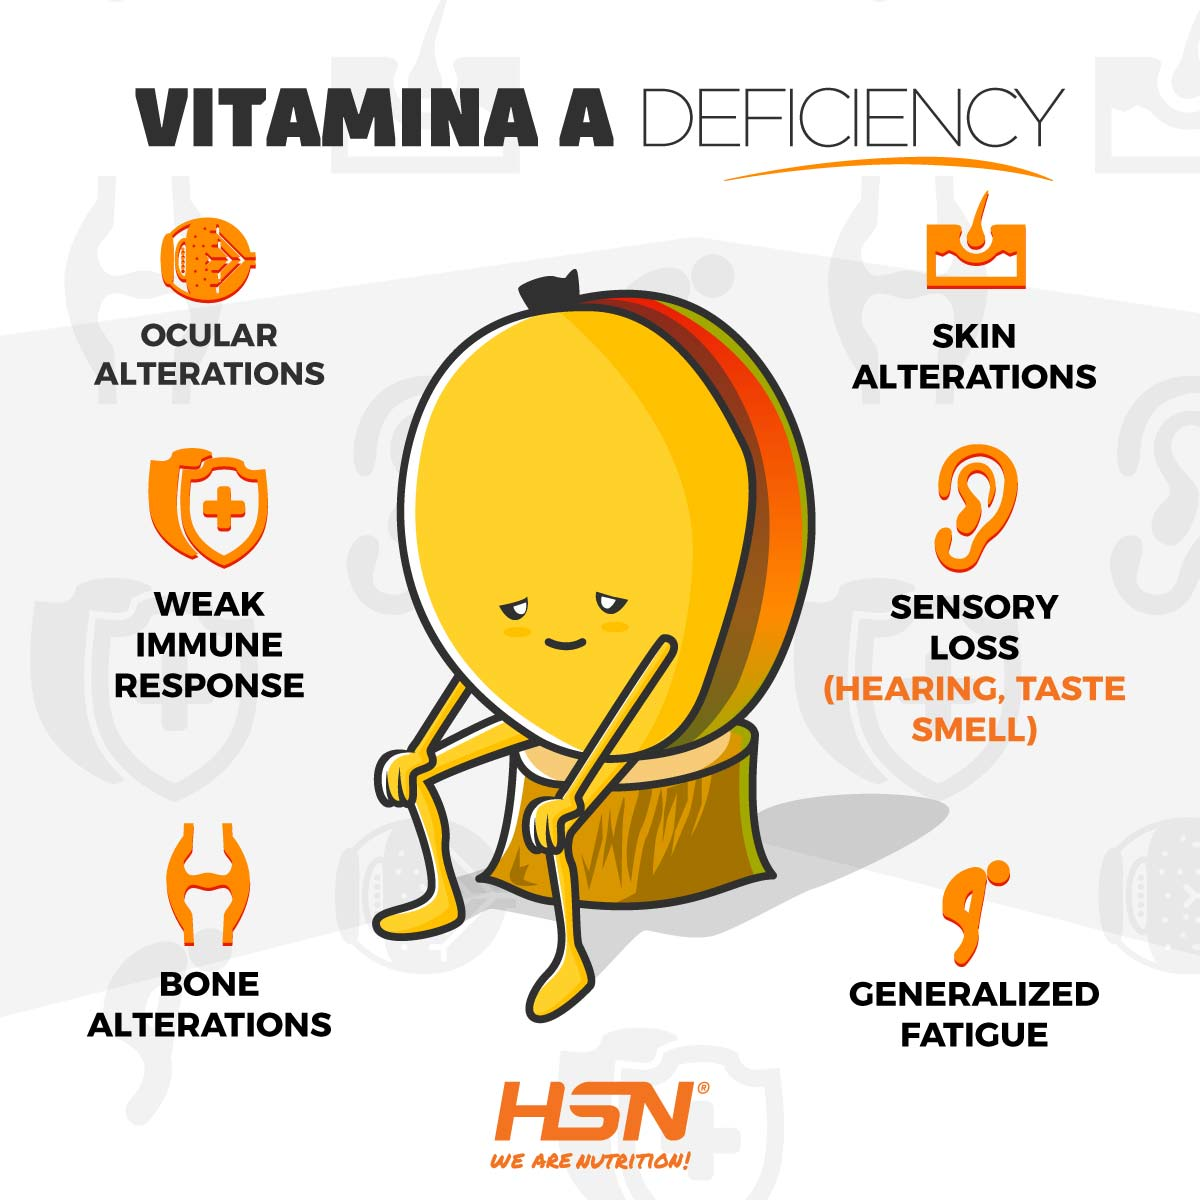 Vitamin A deficiency